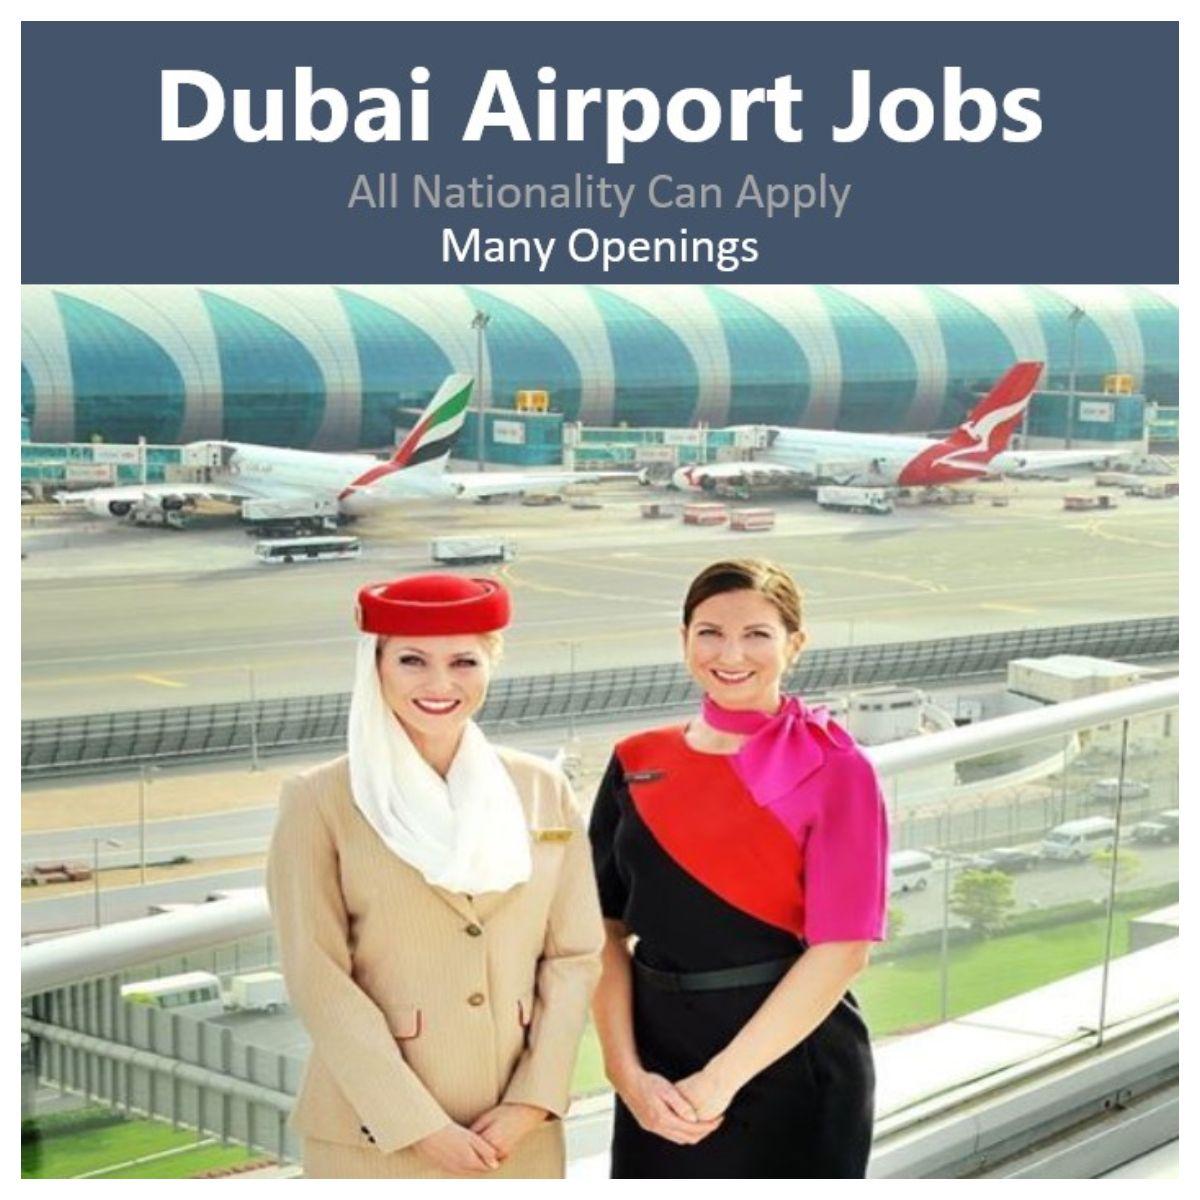 Jobs in Dubai, Vacancies, Job Categories and Professions